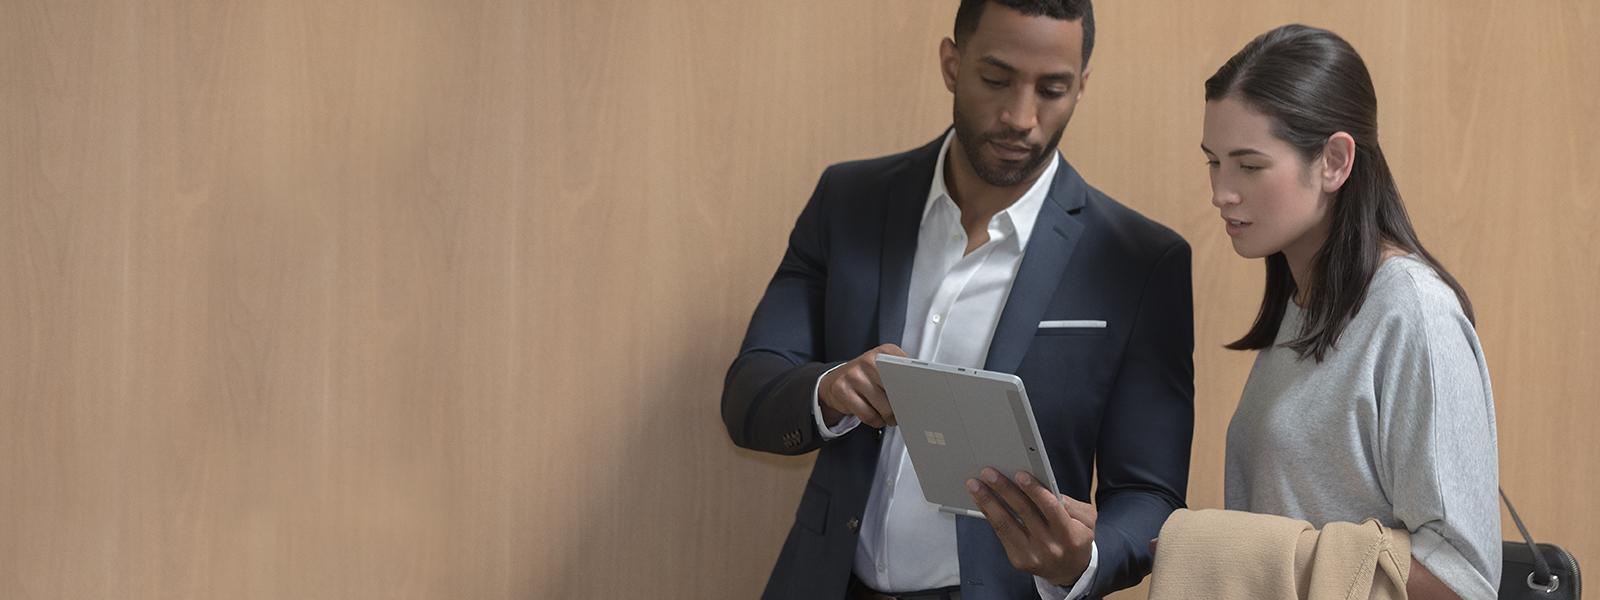 Hombre y mujer de negocios mirando un Surface Pro en el pasillo